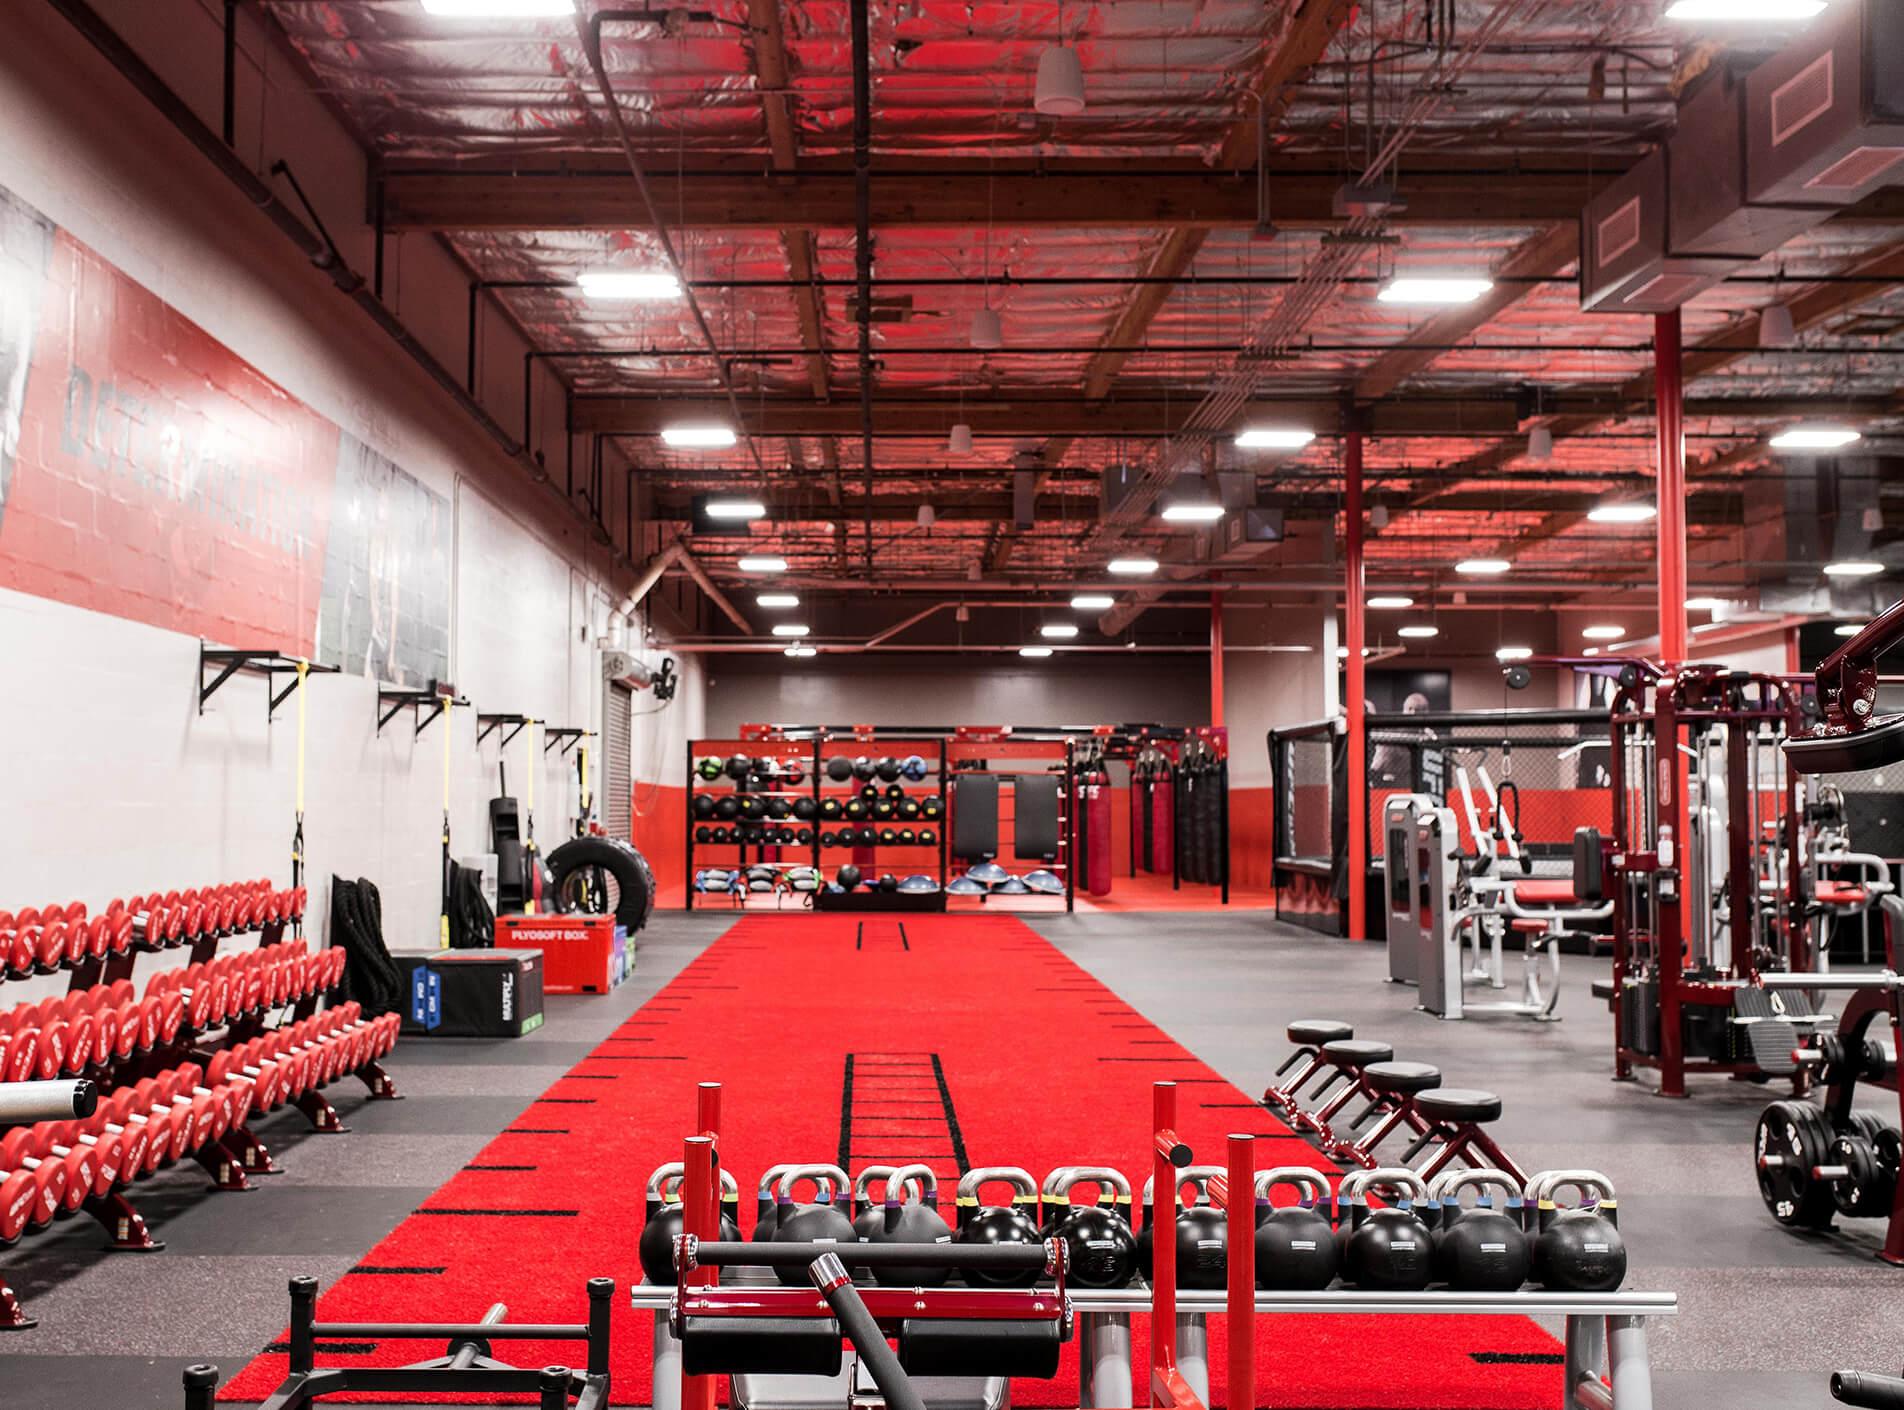 Ufc gym layout updated